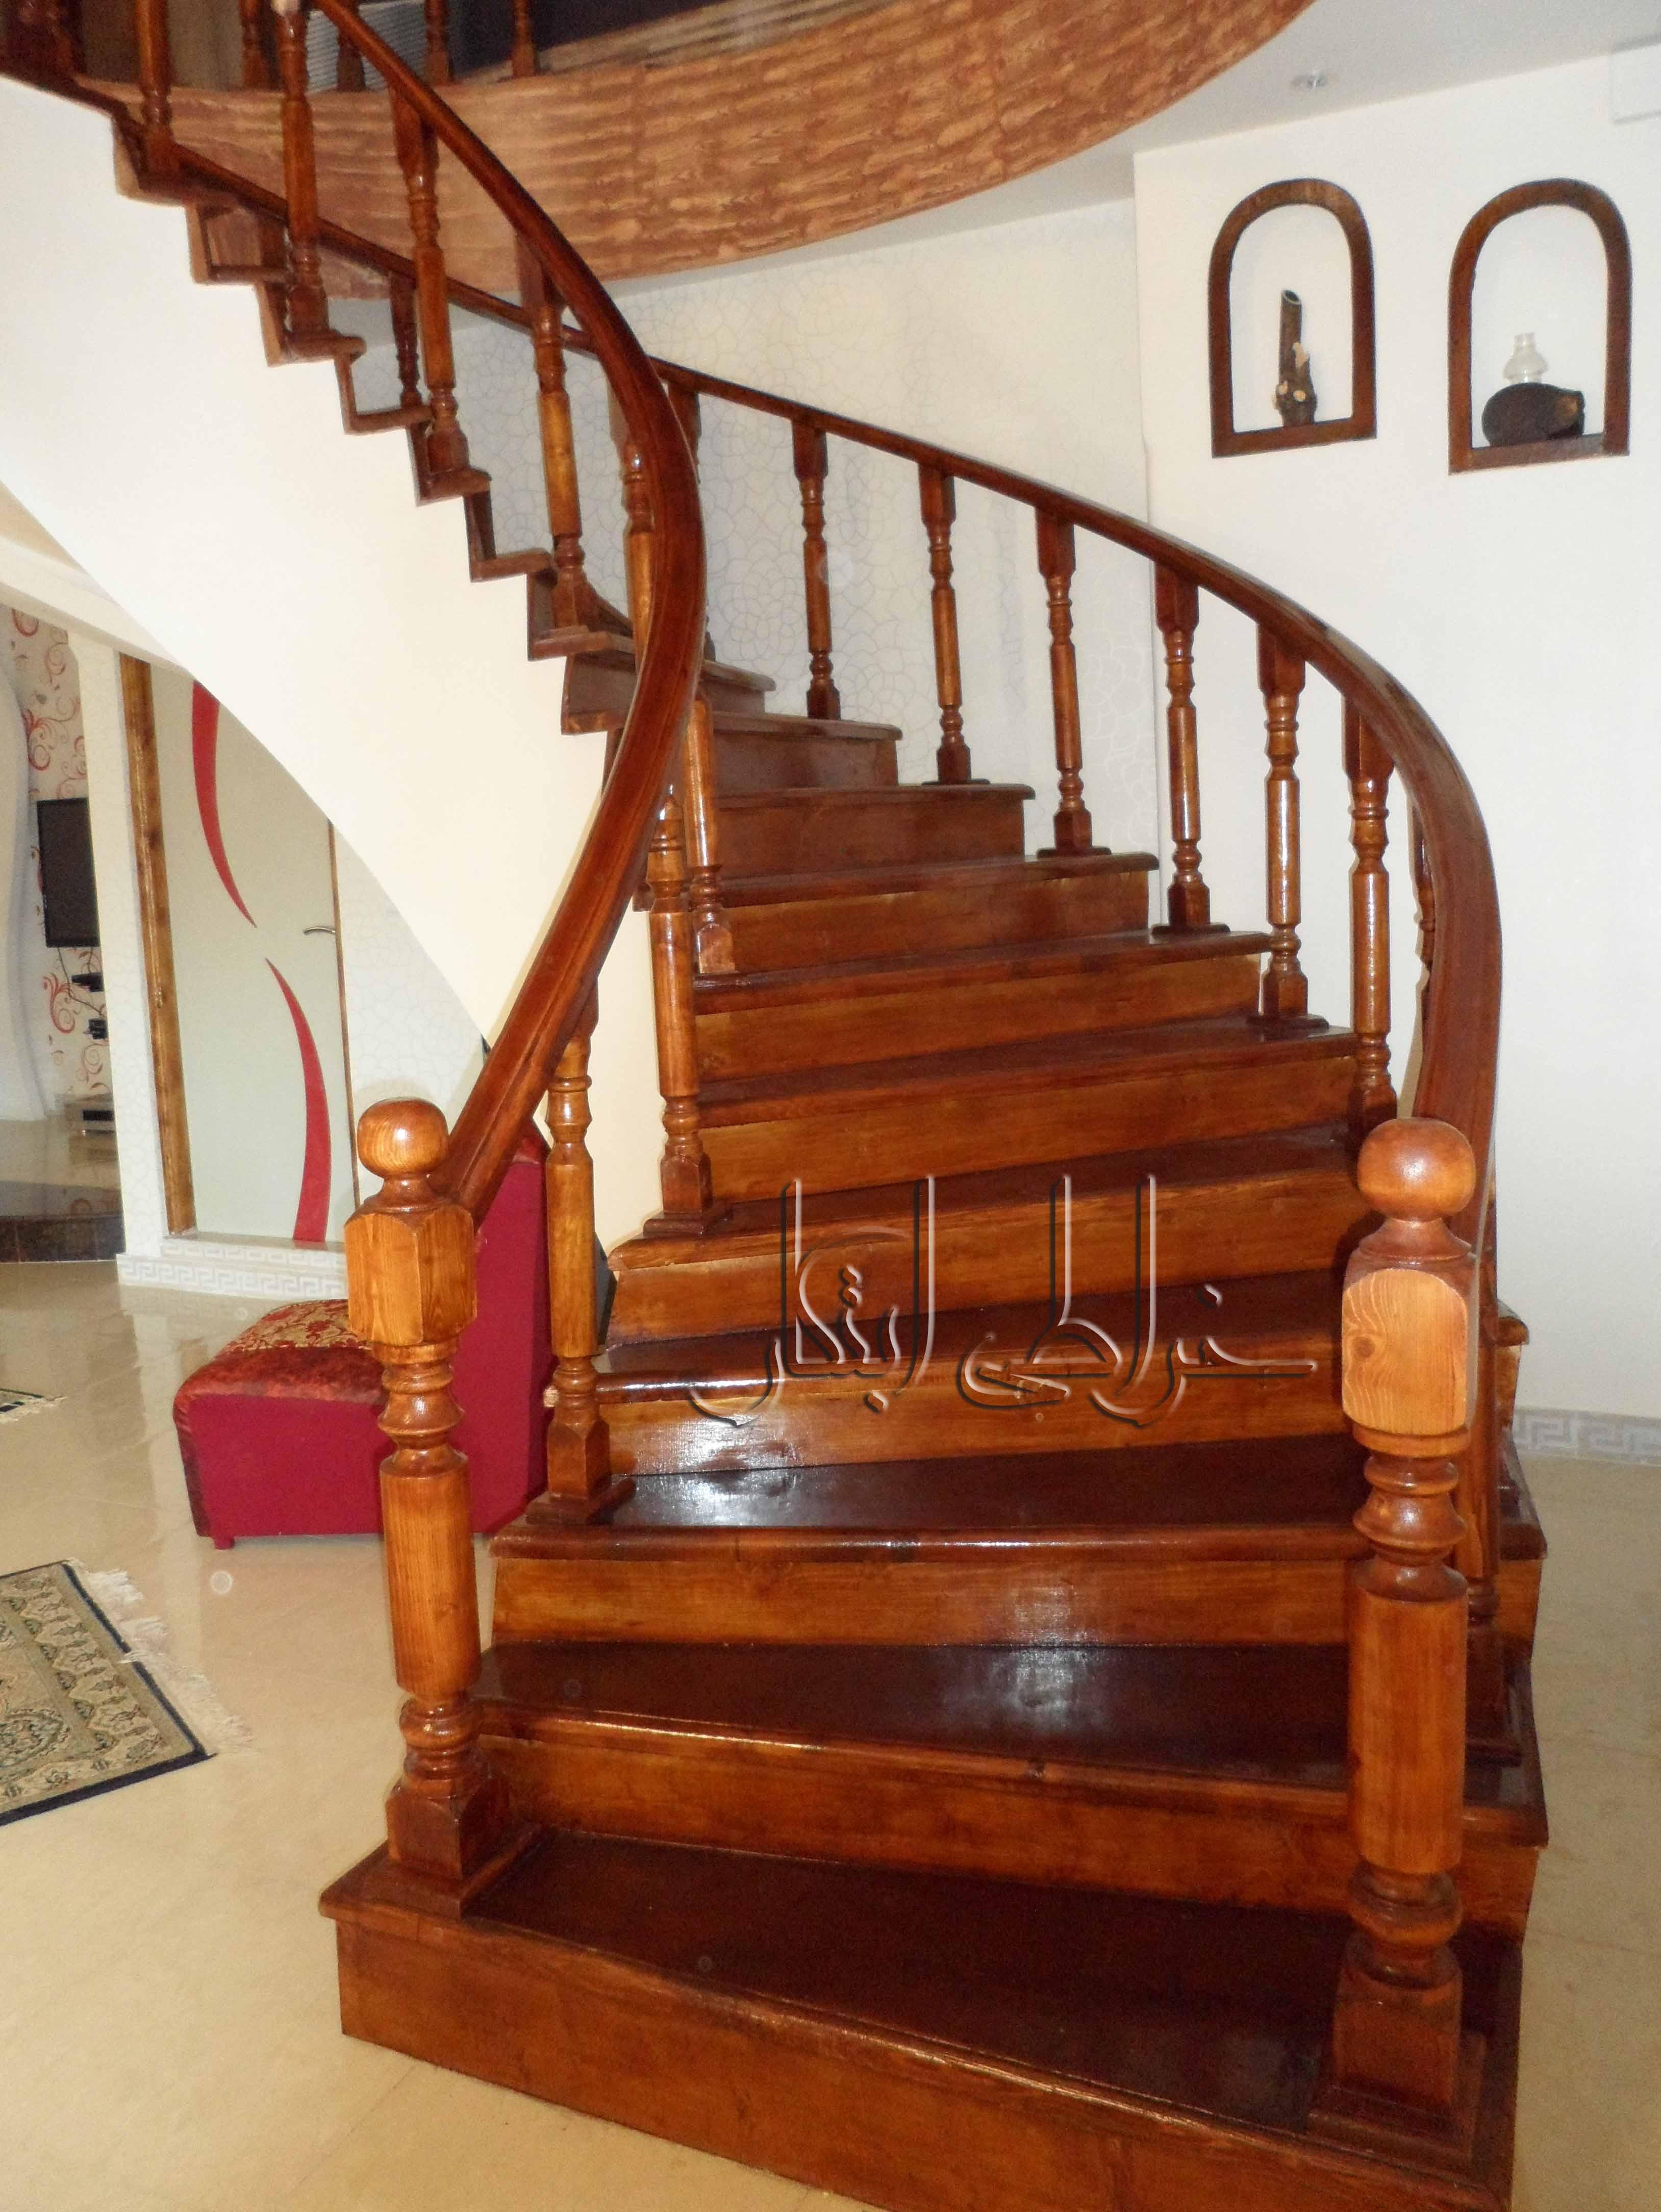 پله های چوبی مارپیچ و هلال - خراطی ابتکارپله چوبی - پله مارپیچ چوبی - پله هلال چوبی - پله مجلل چوبی - پله داخل  ساختمان چوبی - نرده چوبی - خراطی پله چوب - ابتکار چوب - پله ی تمام چوب